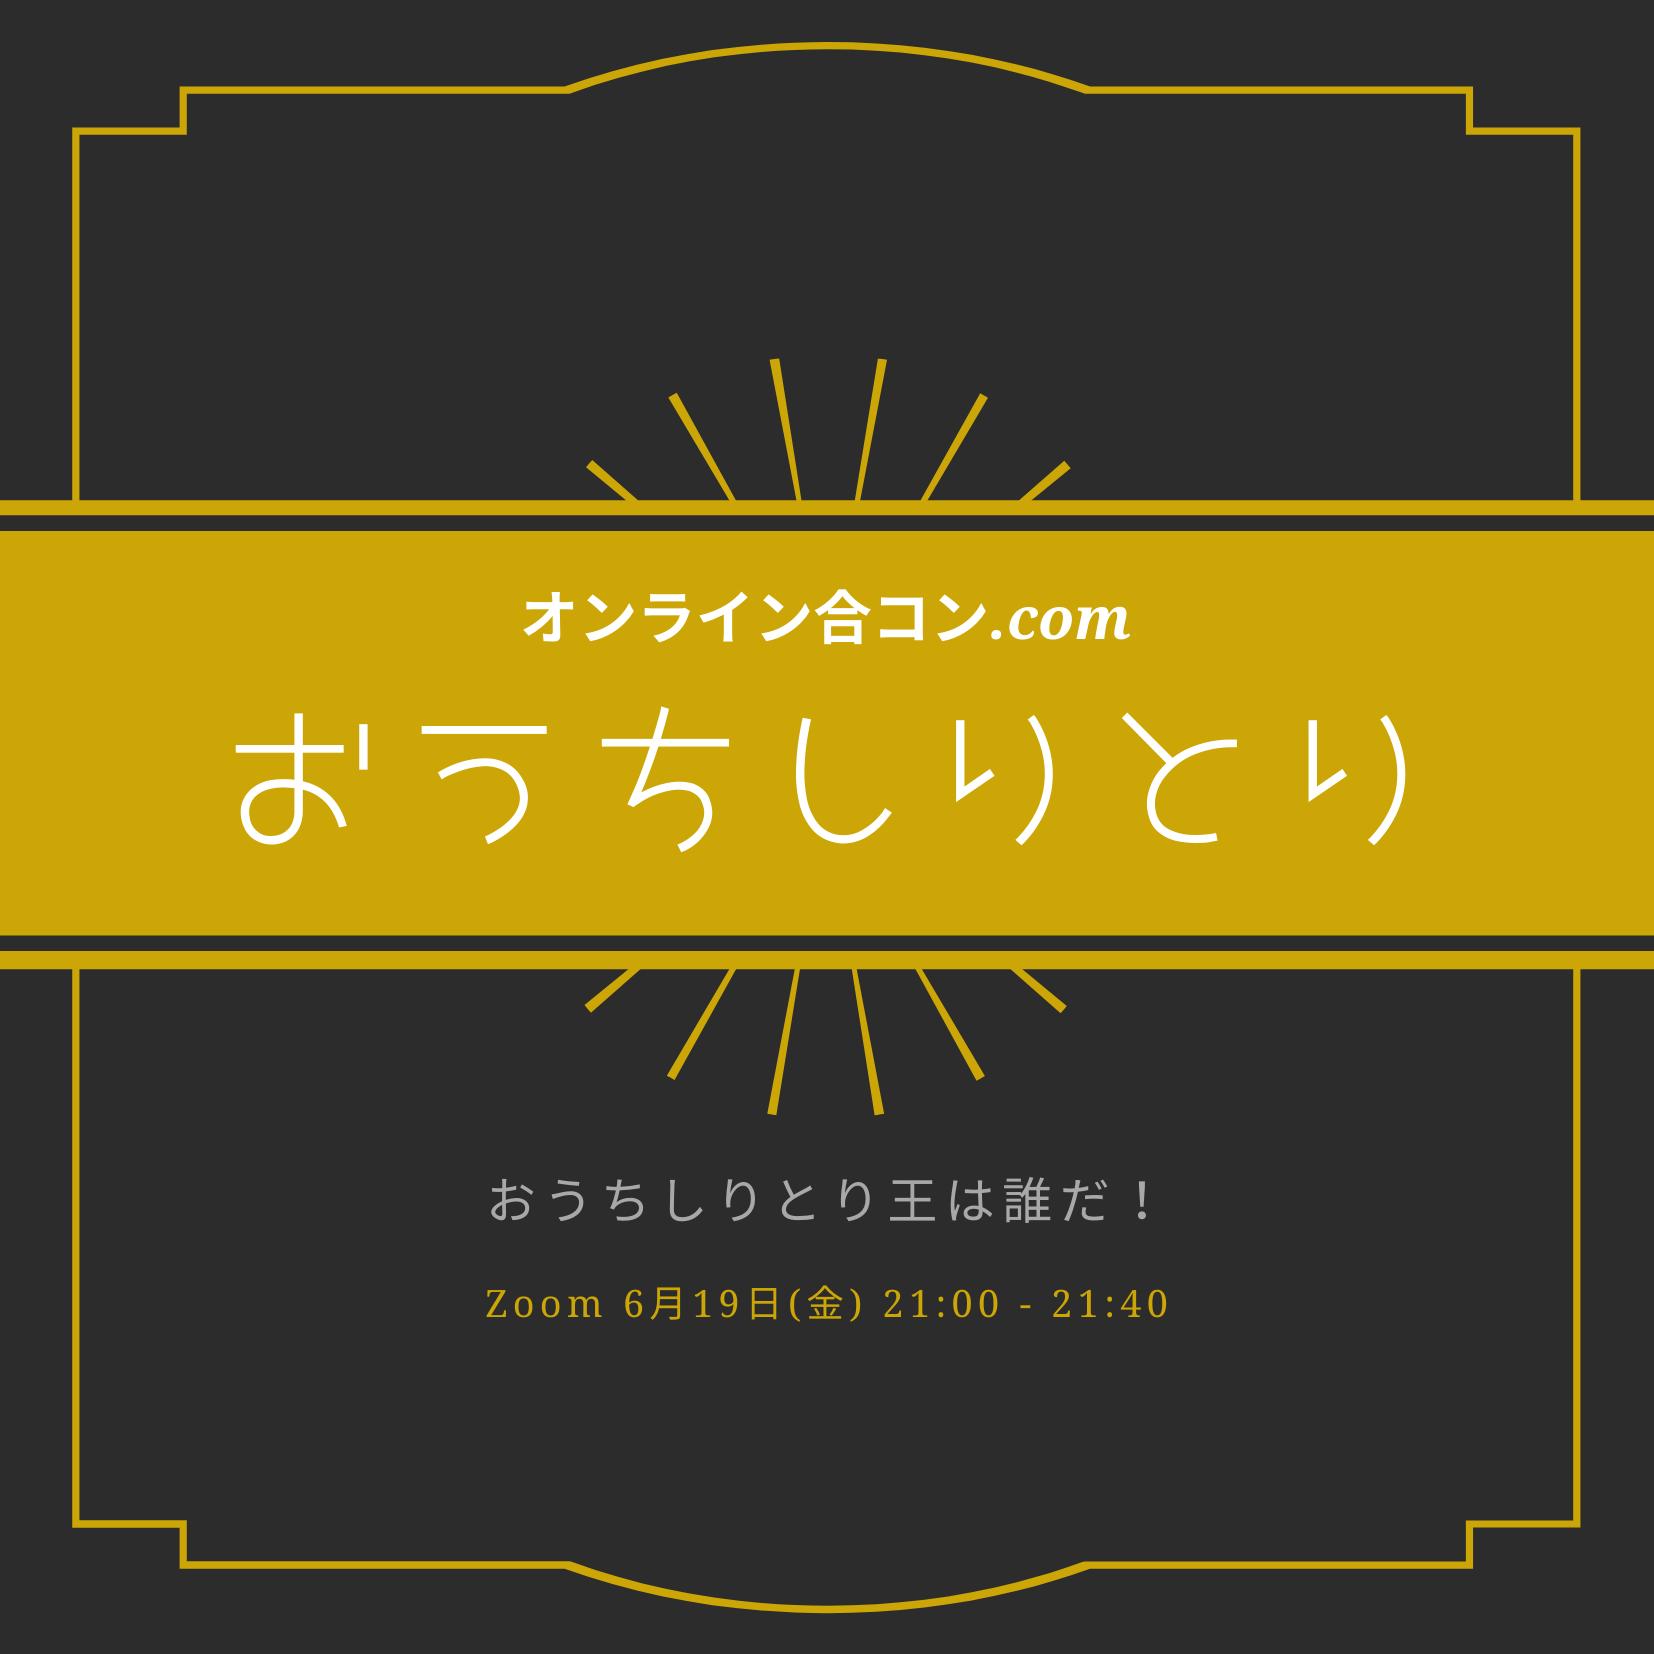 【おうちしりとり】オンライン合コン!おうちにいながら新しい出会い